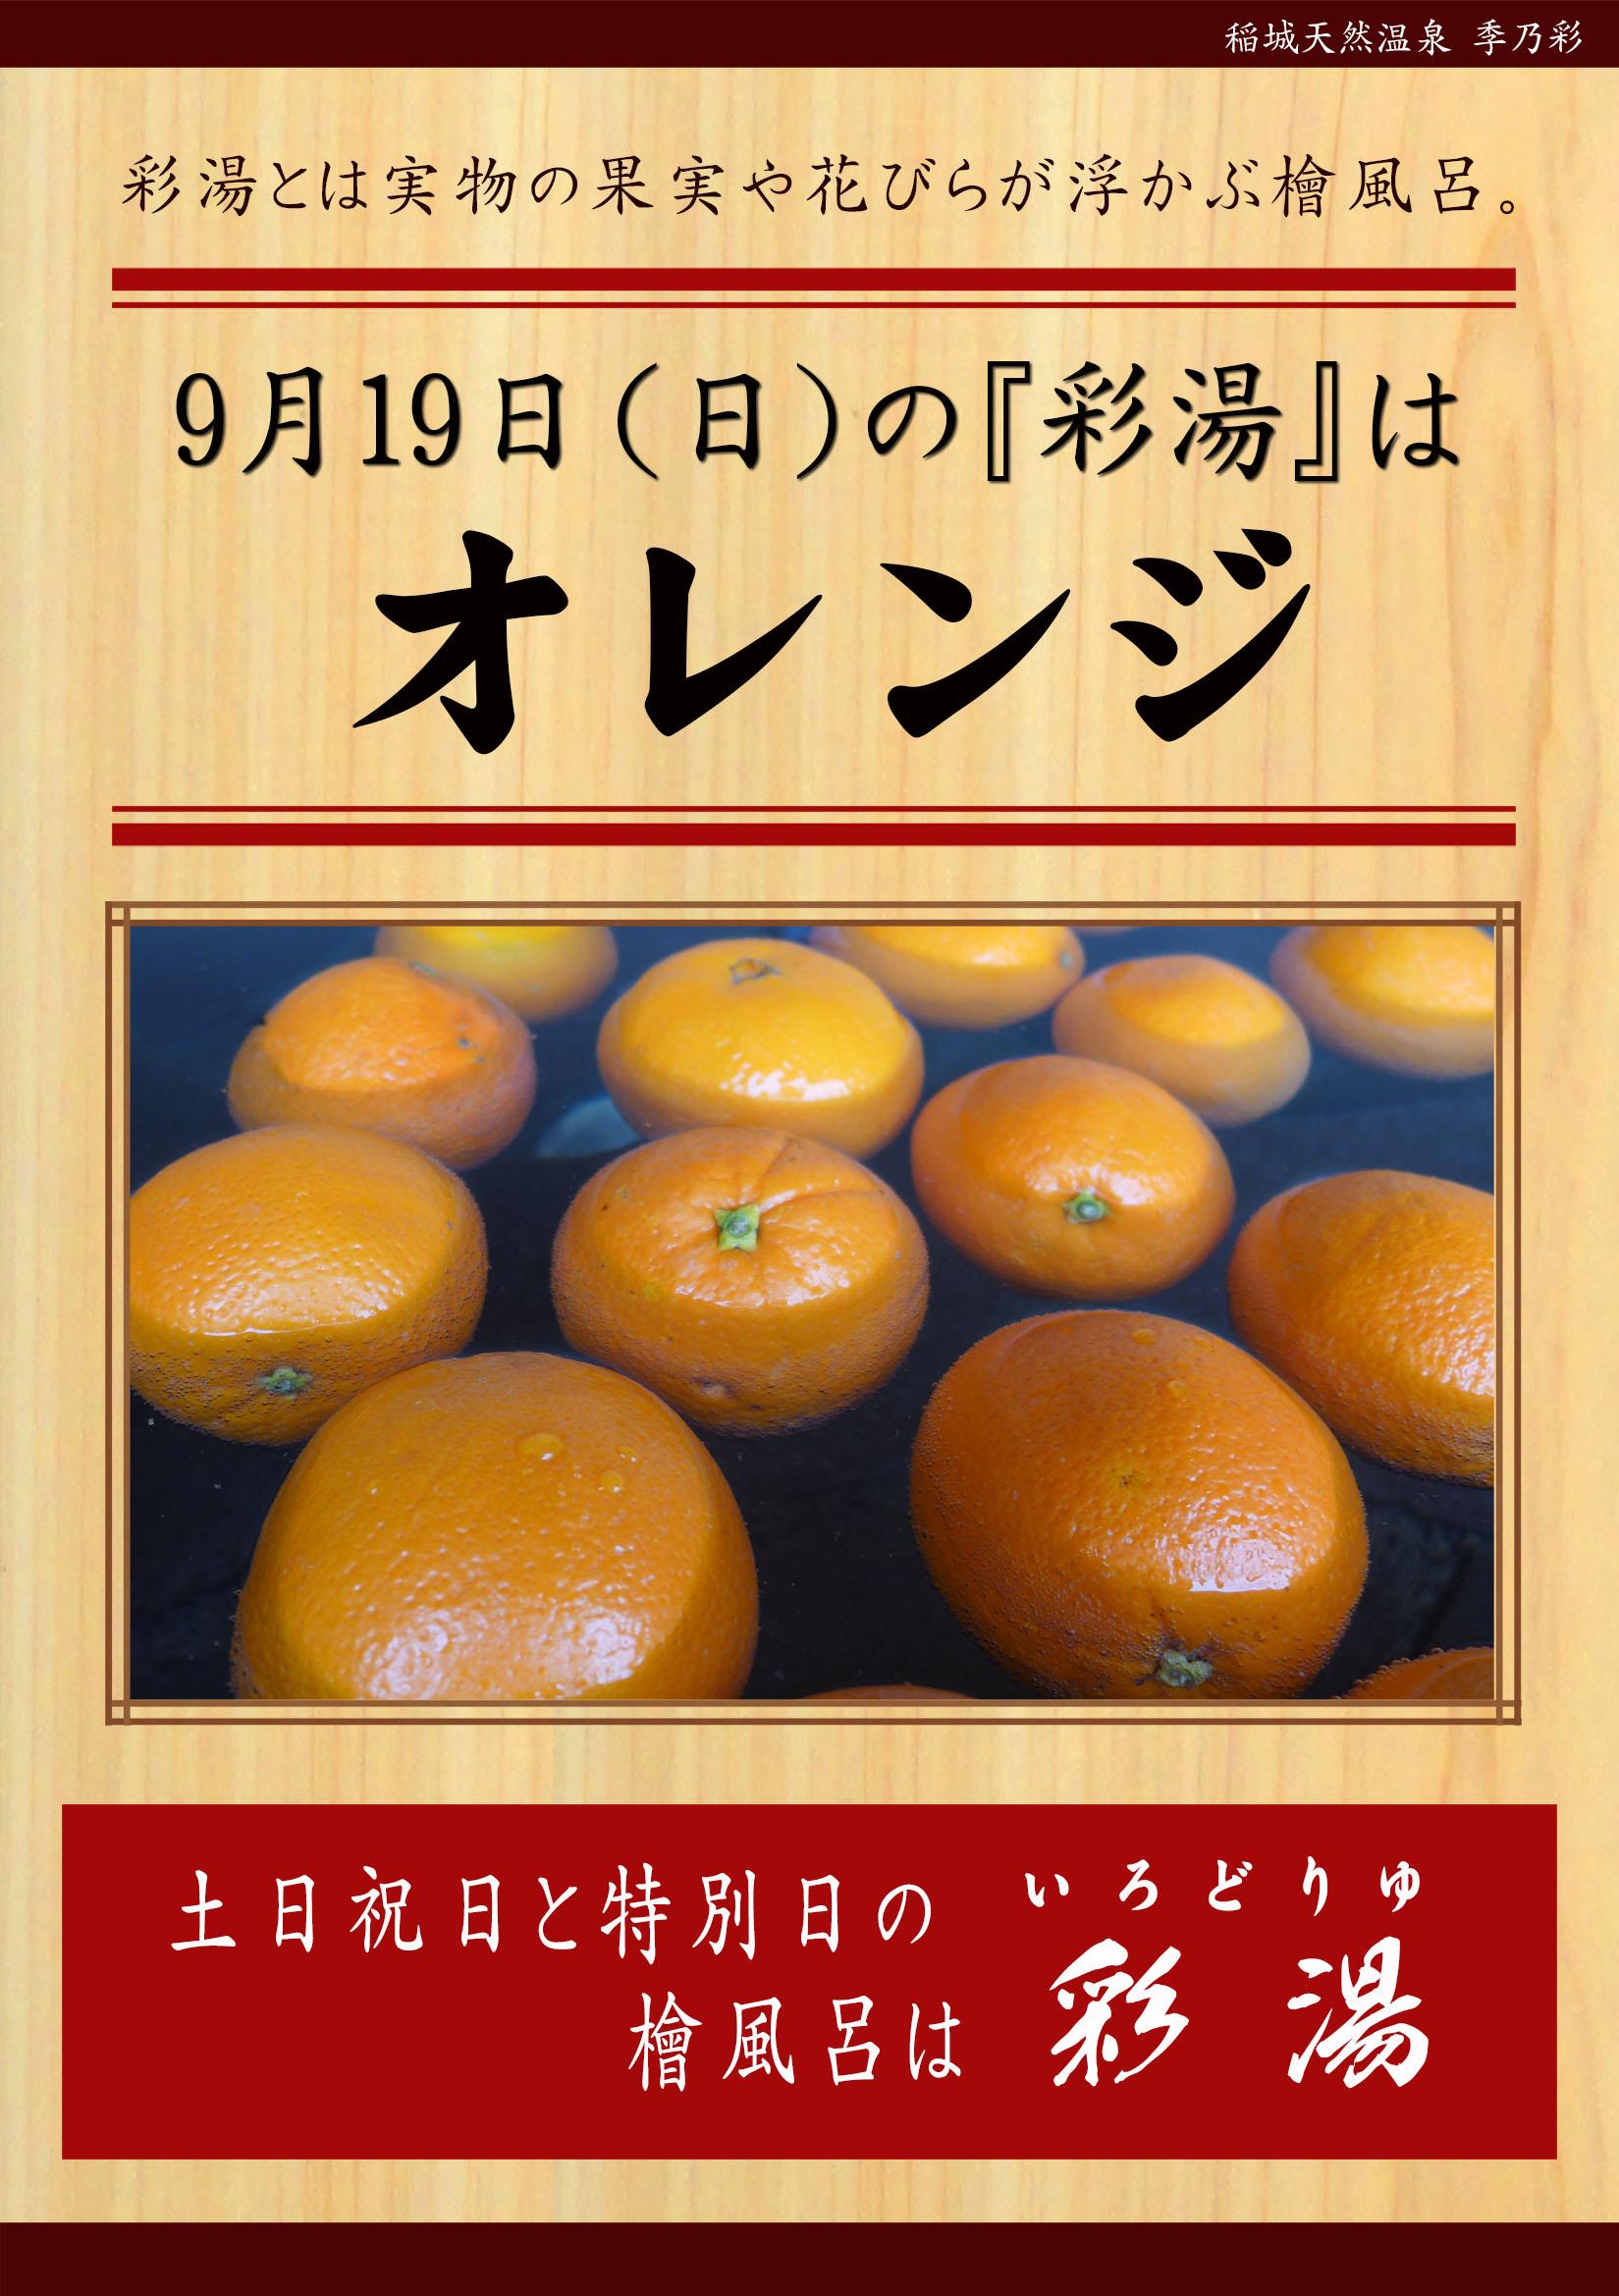 20210919 POP イベント 彩湯 オレンジ